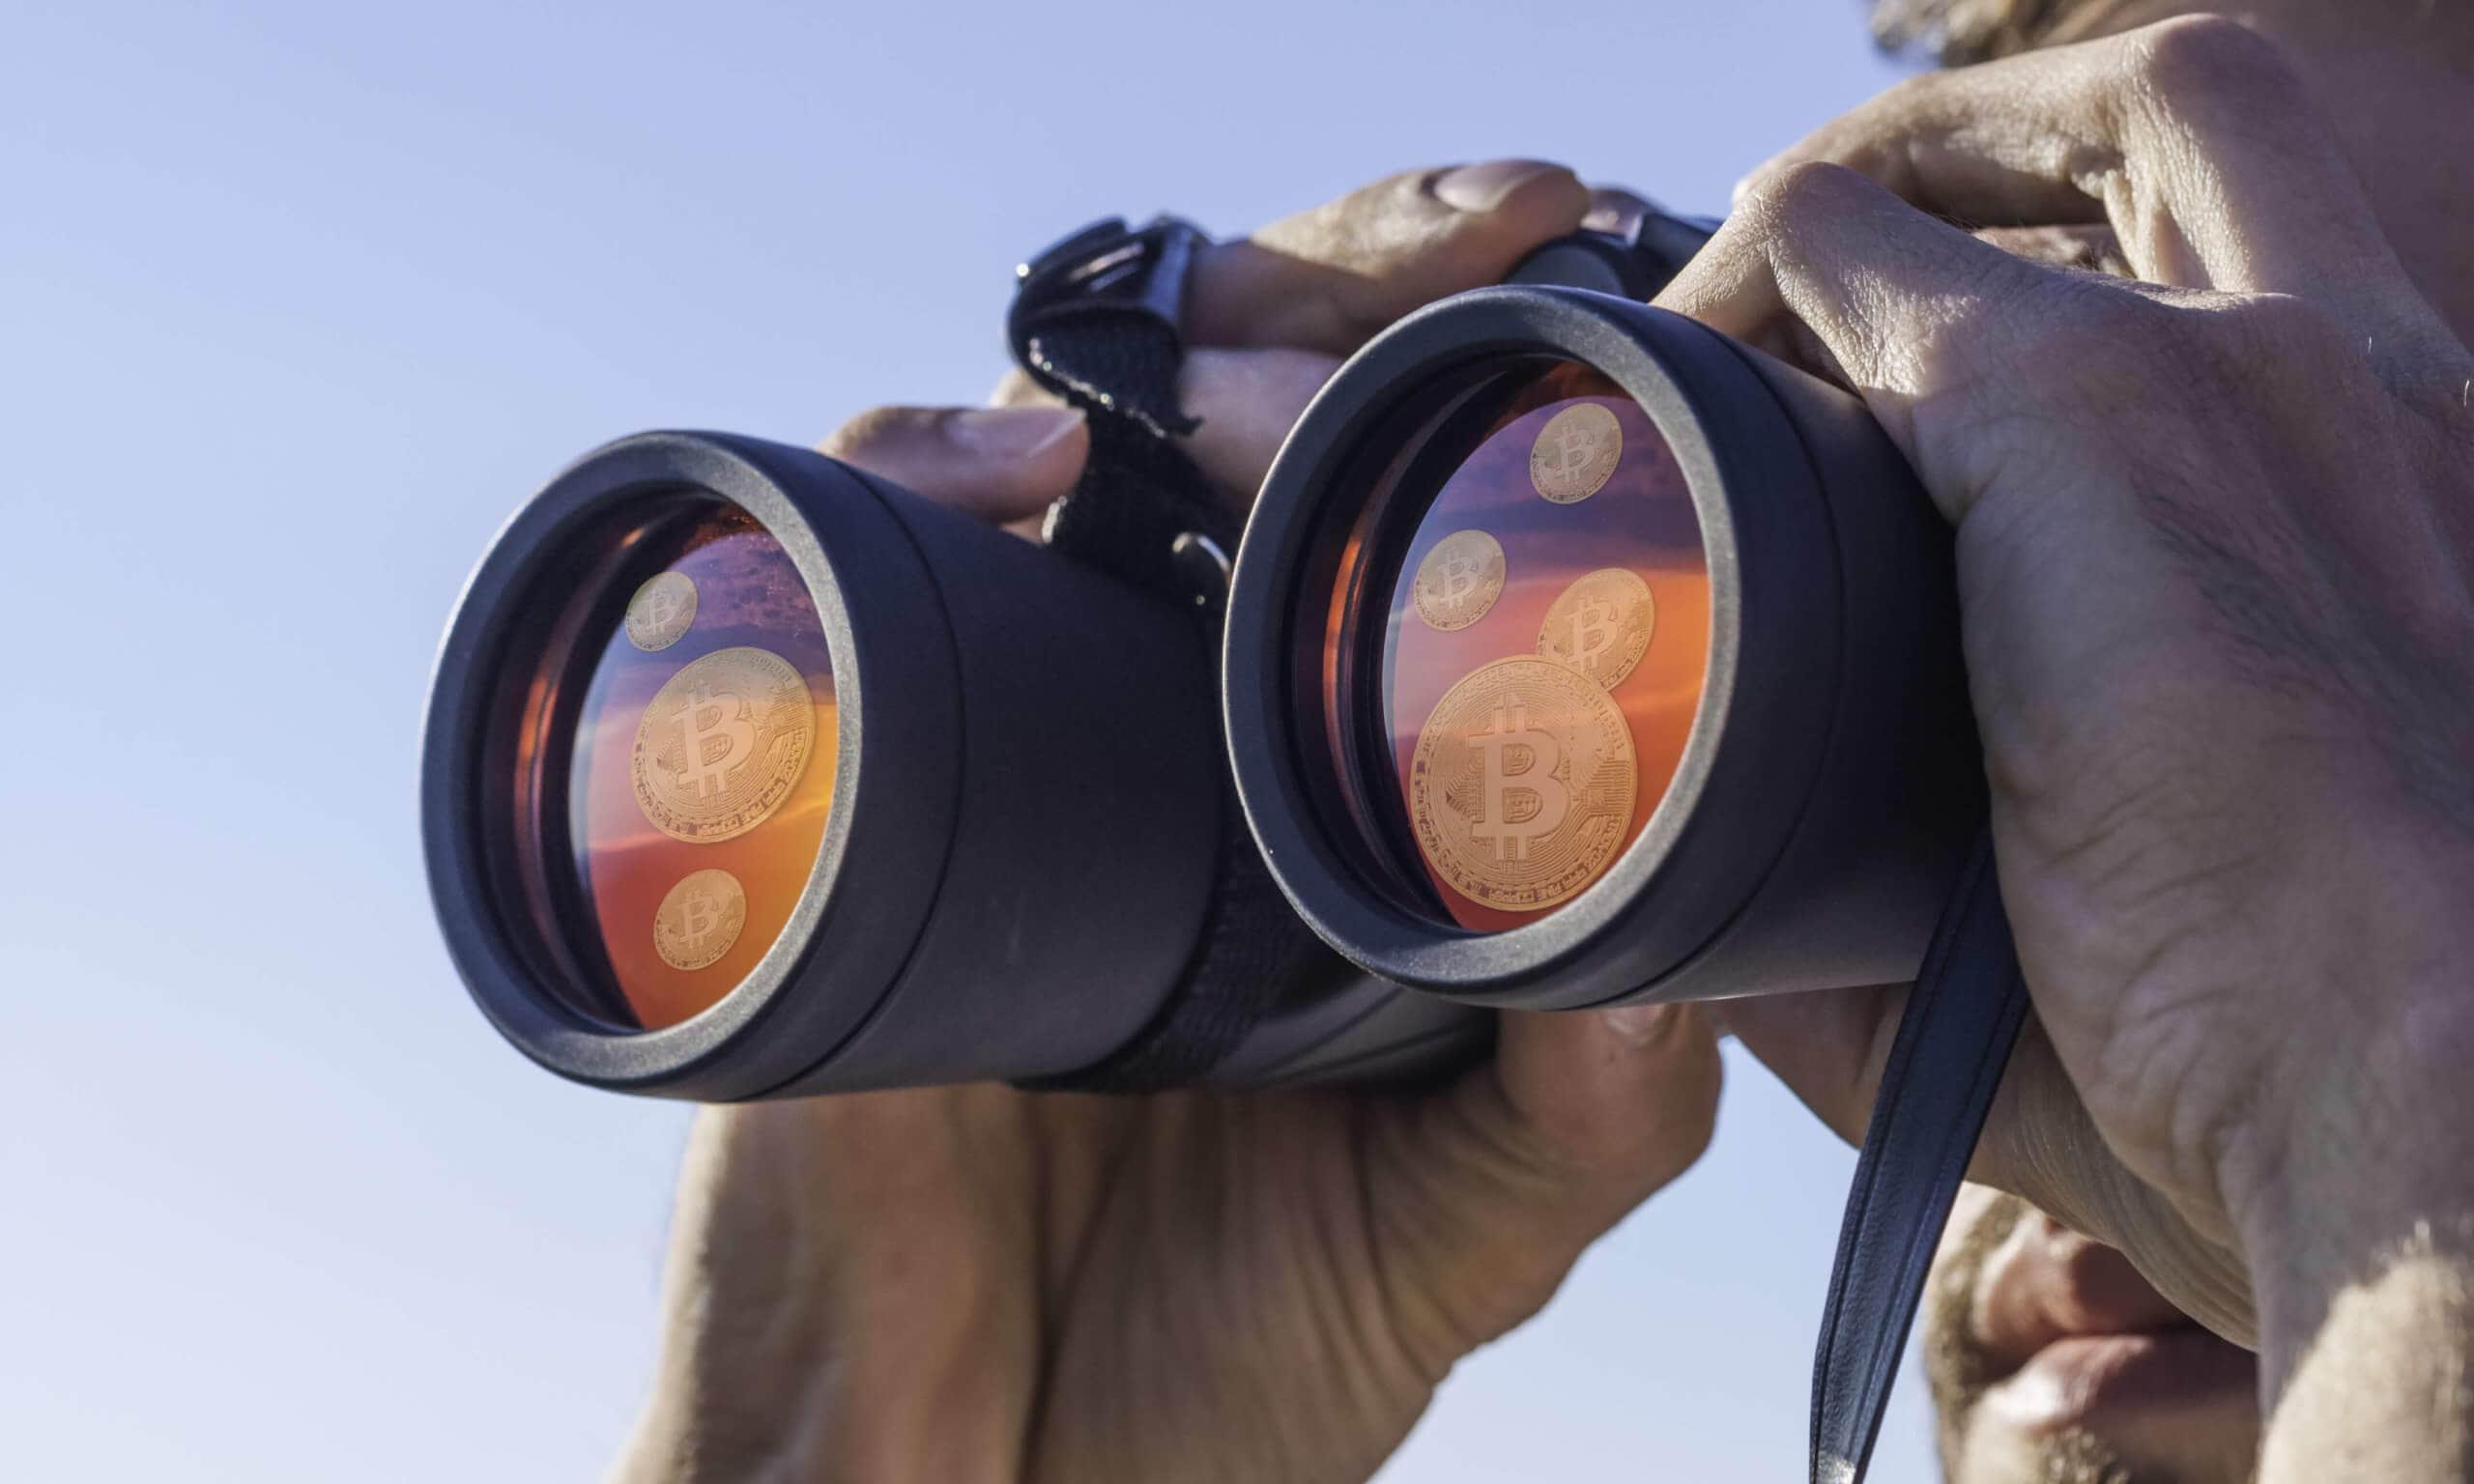 Ein Mensch blickt mit einem Fernglas in die Ferne, auf den Gläsern sieht man Bitcoin Münzen